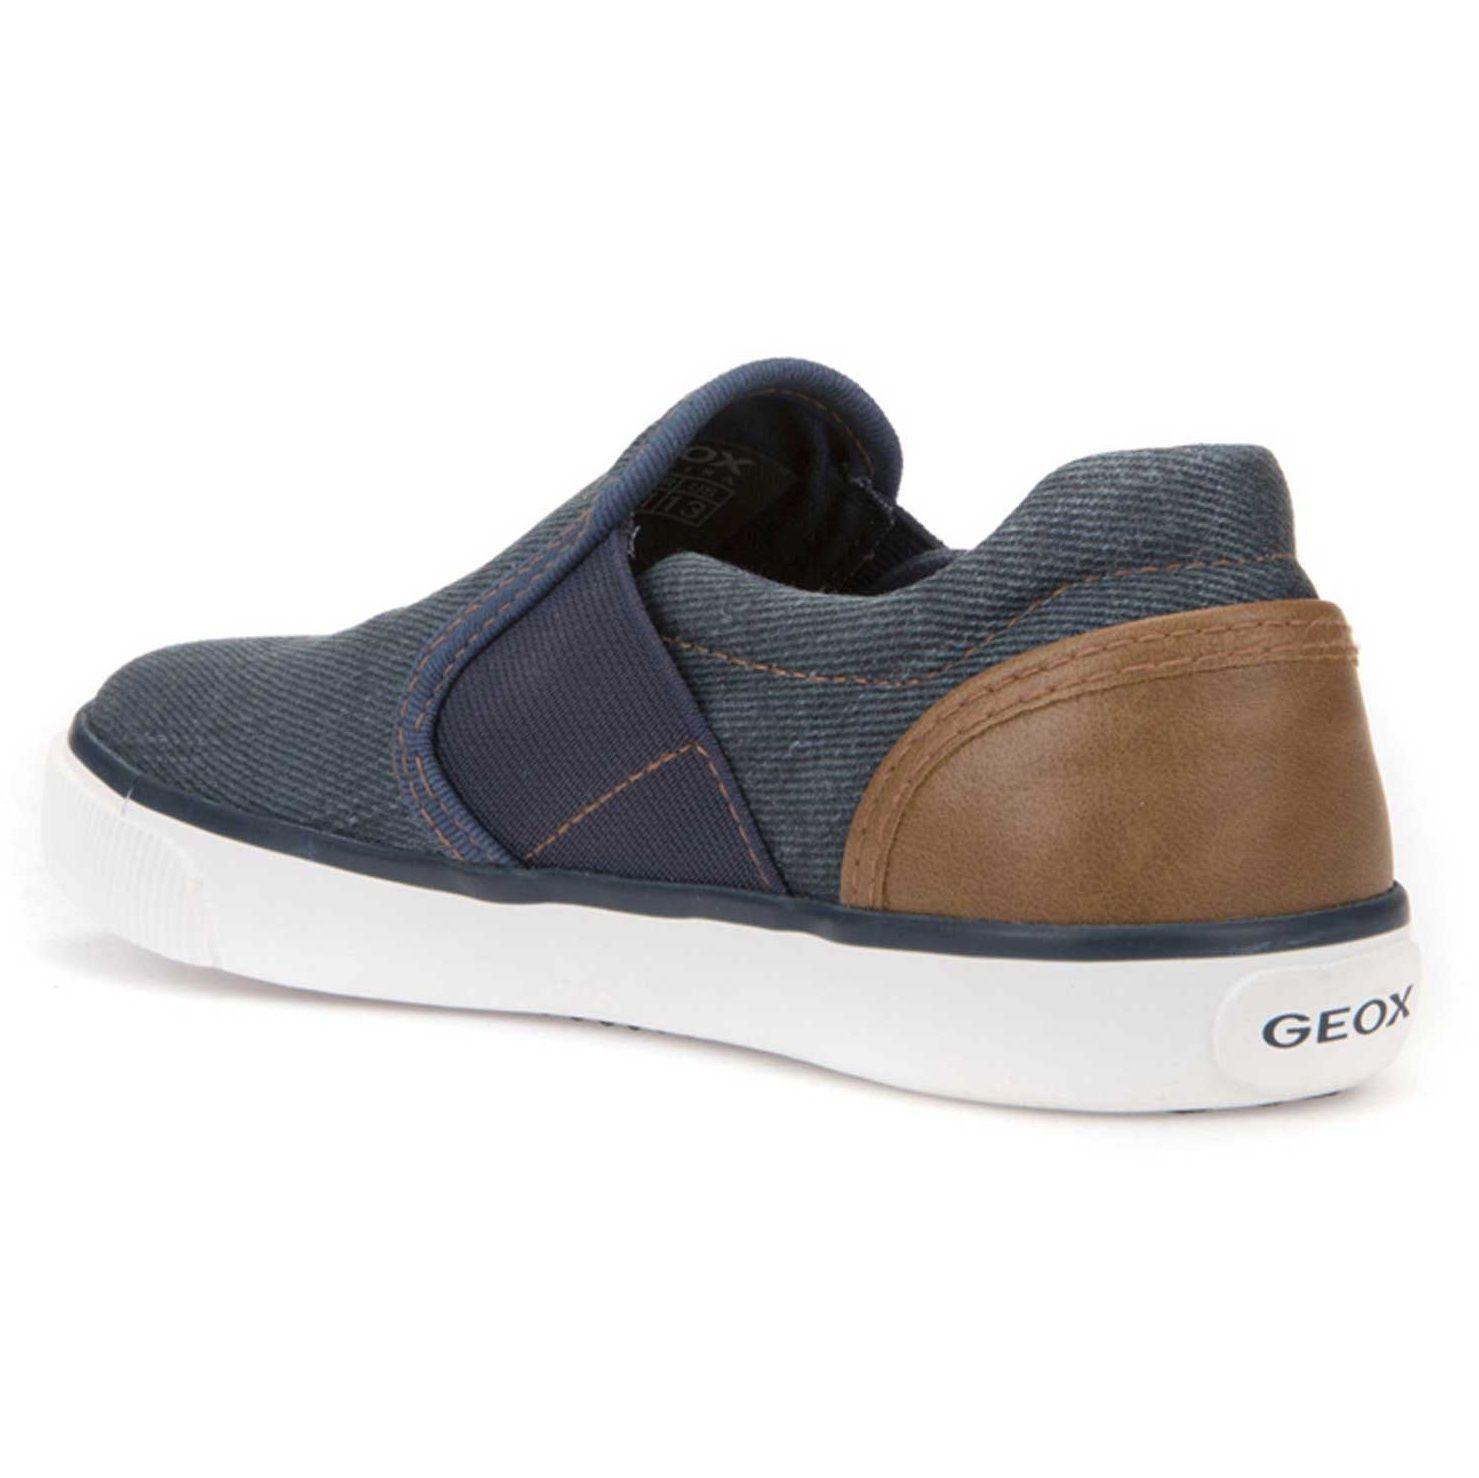 کفش راحتی بند کشی پسرانه - جی اوکس - آبي - 3